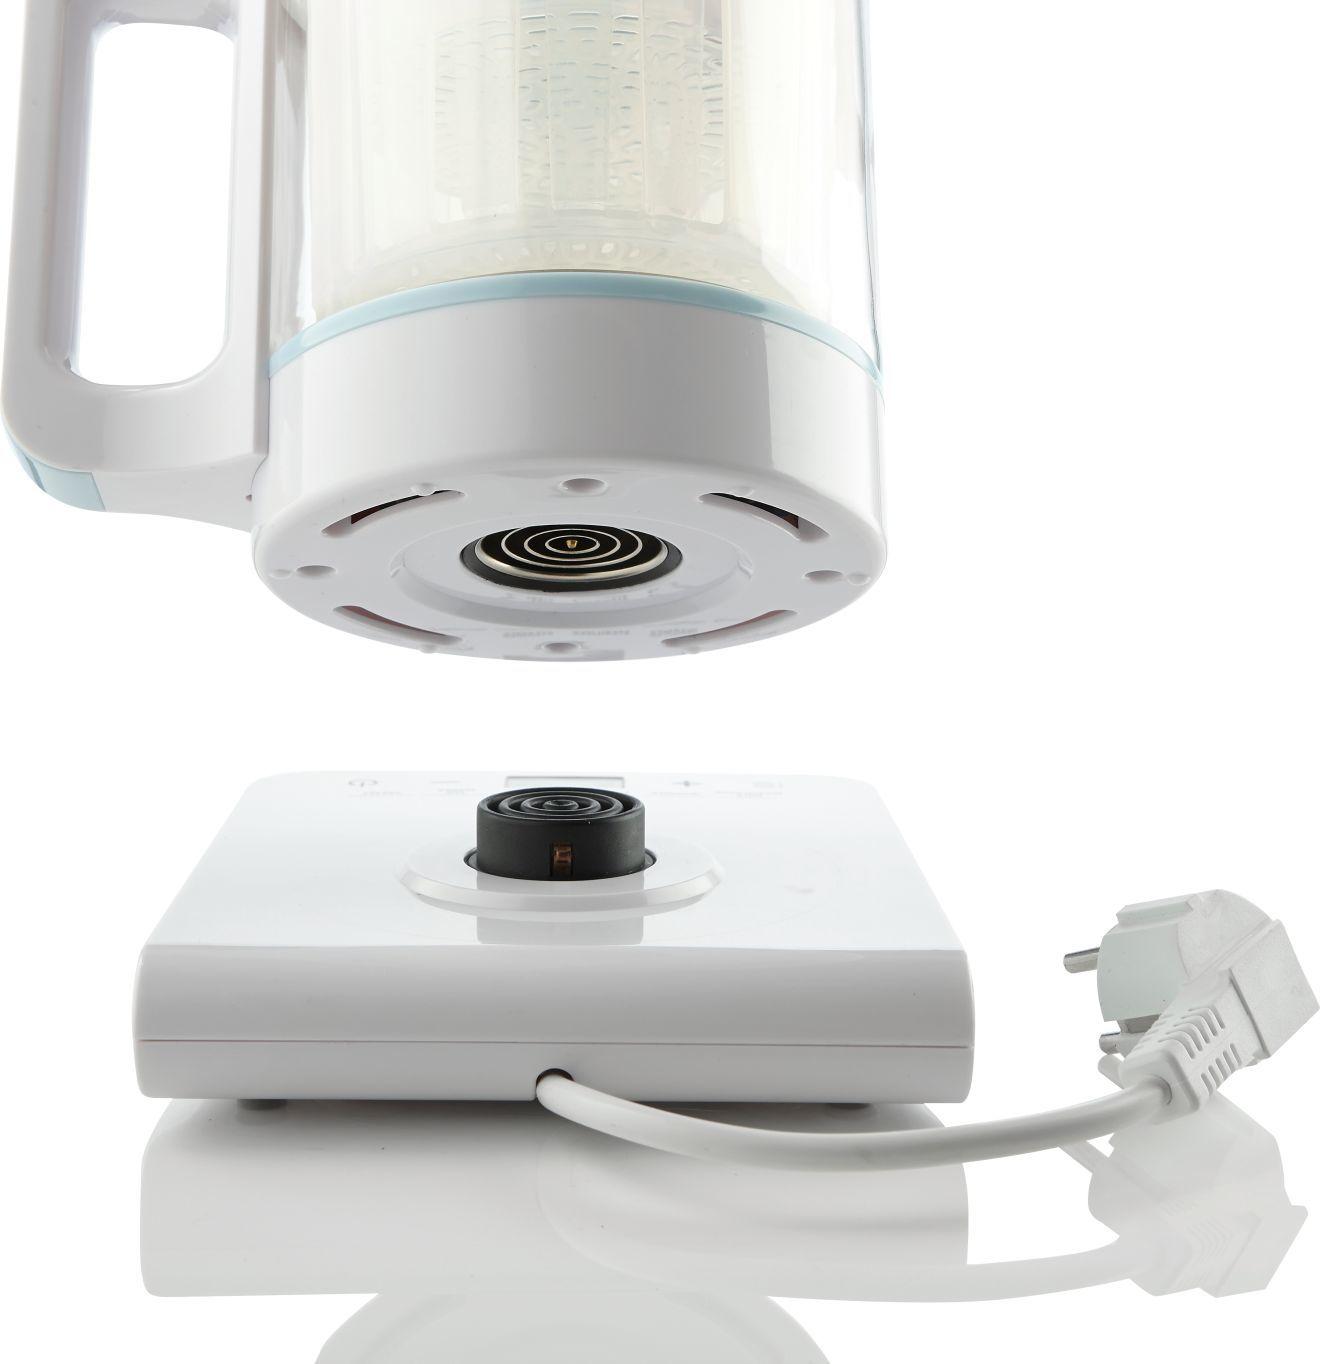 Прибор для подогрева и стерилизации Gorenje (5-в-1 800, Вт 1 л, автоотключатель, термостат, электронное управление) (K10 фото 5